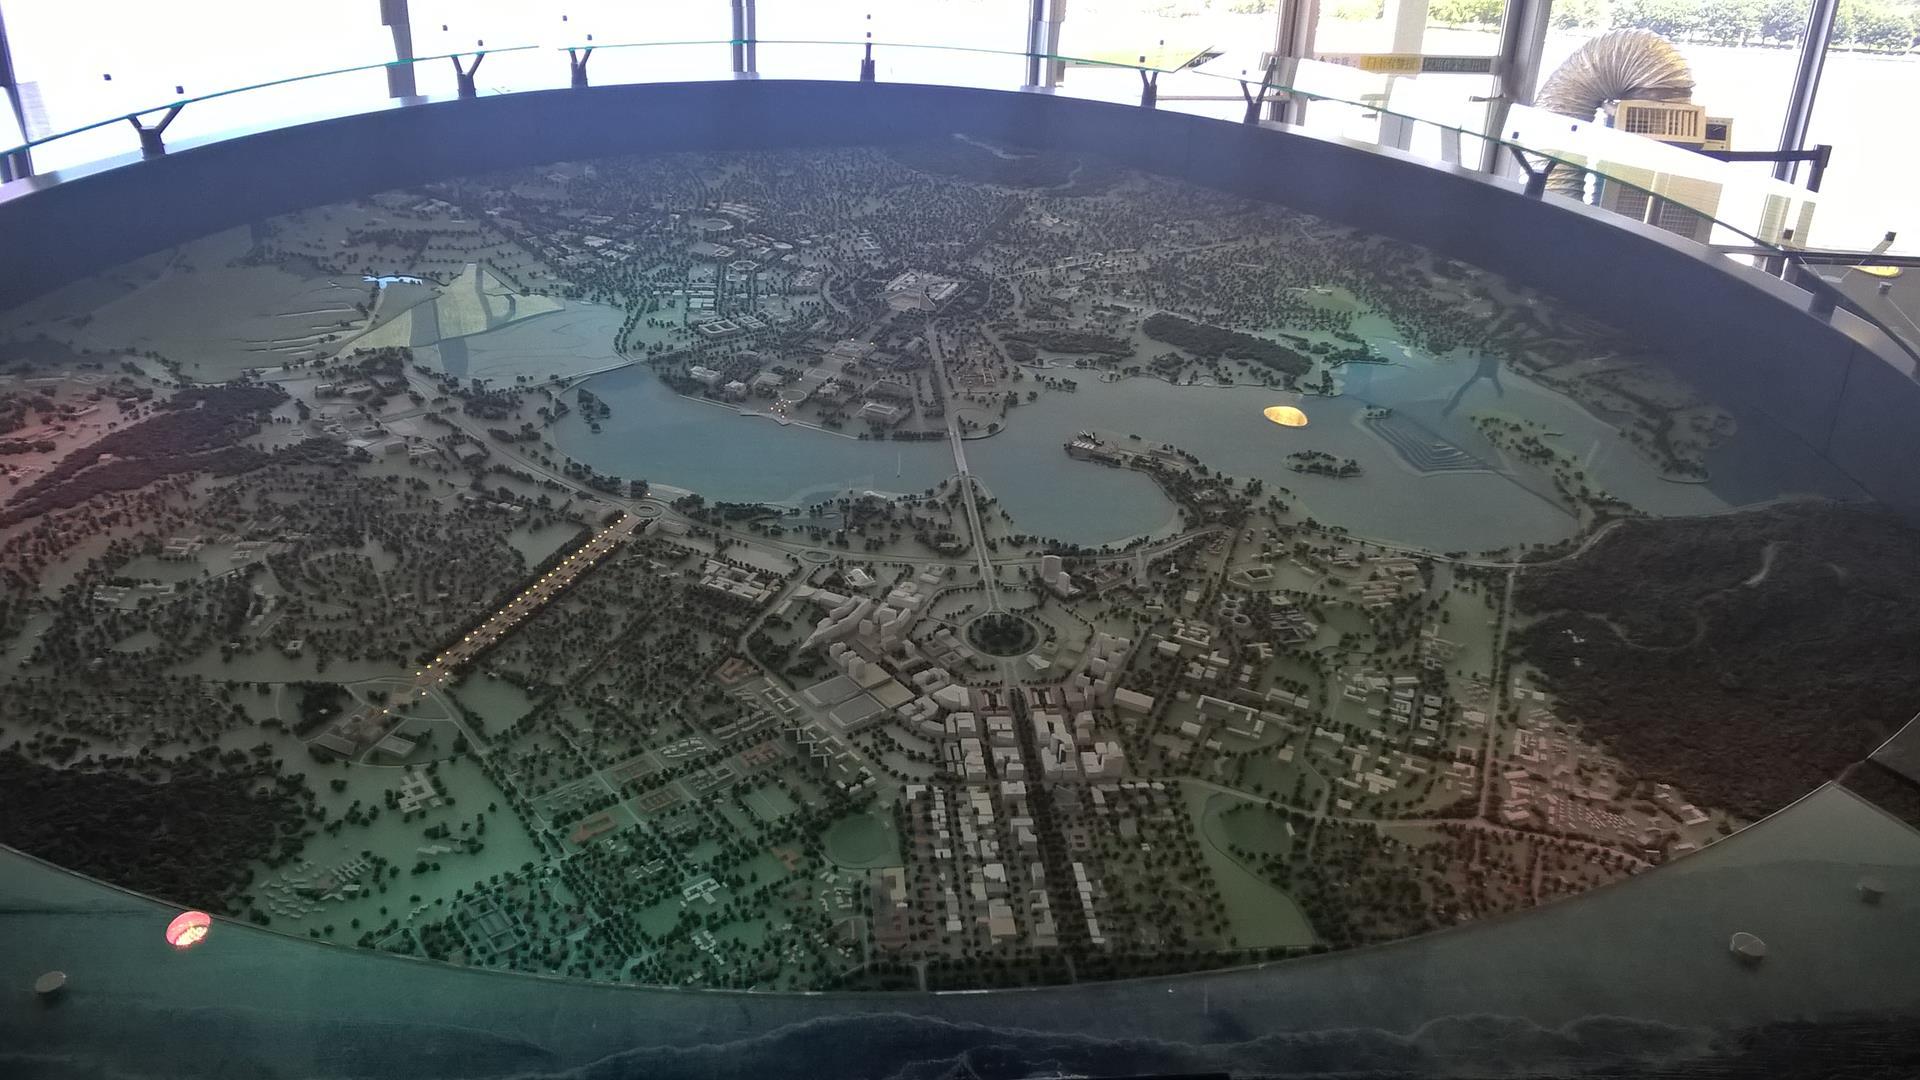 Mit Zirkel und Linieal: Die Stadt ist geometrisch geplant